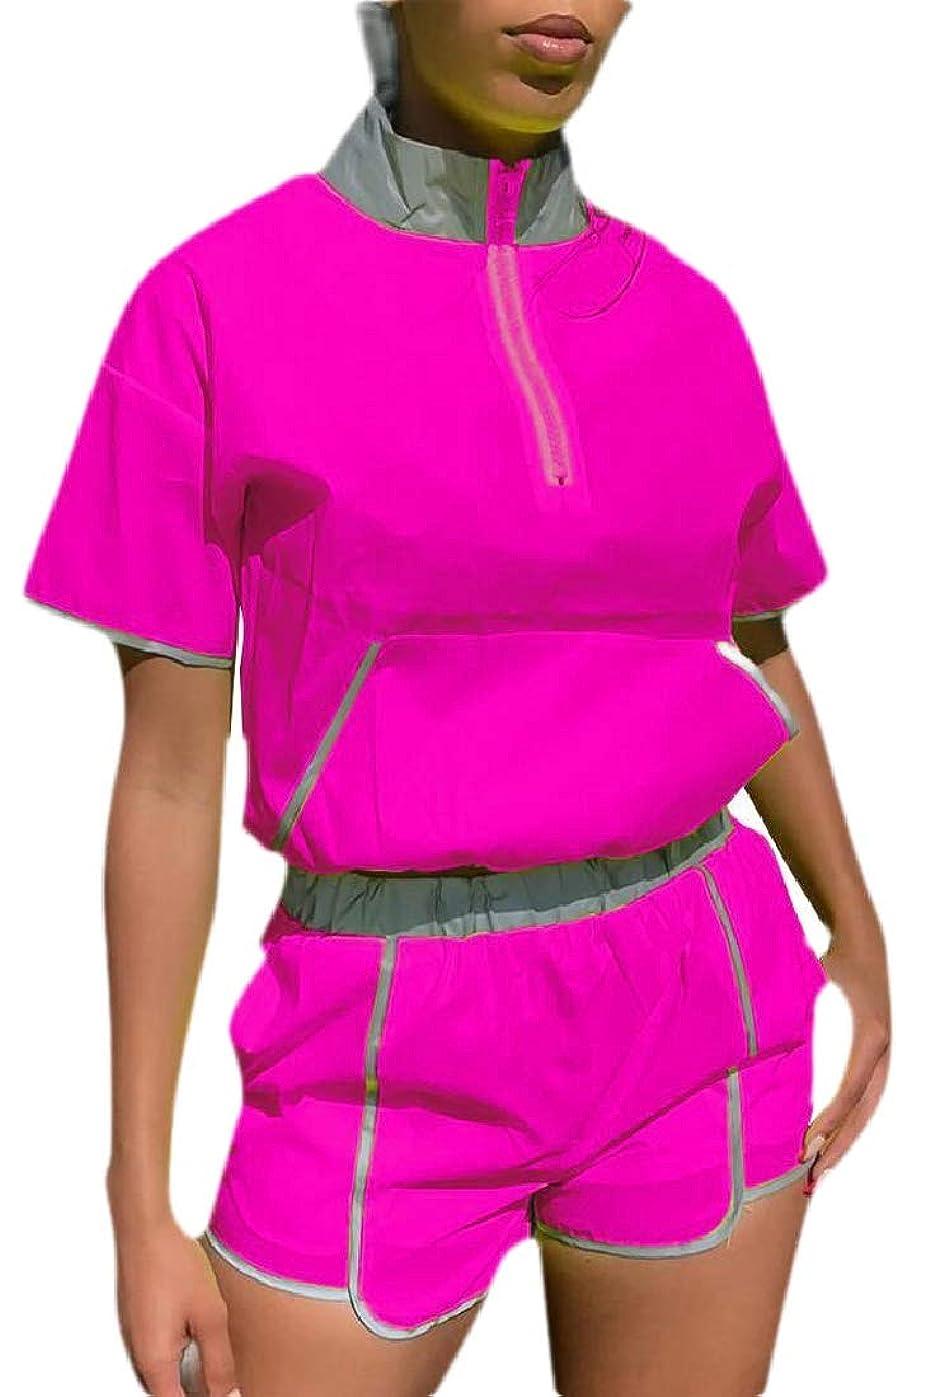 無傷ショップ用量Women 2 Piece Outfits Tracksuit Windbreaker Pullover Jacket Crop Top Shorts